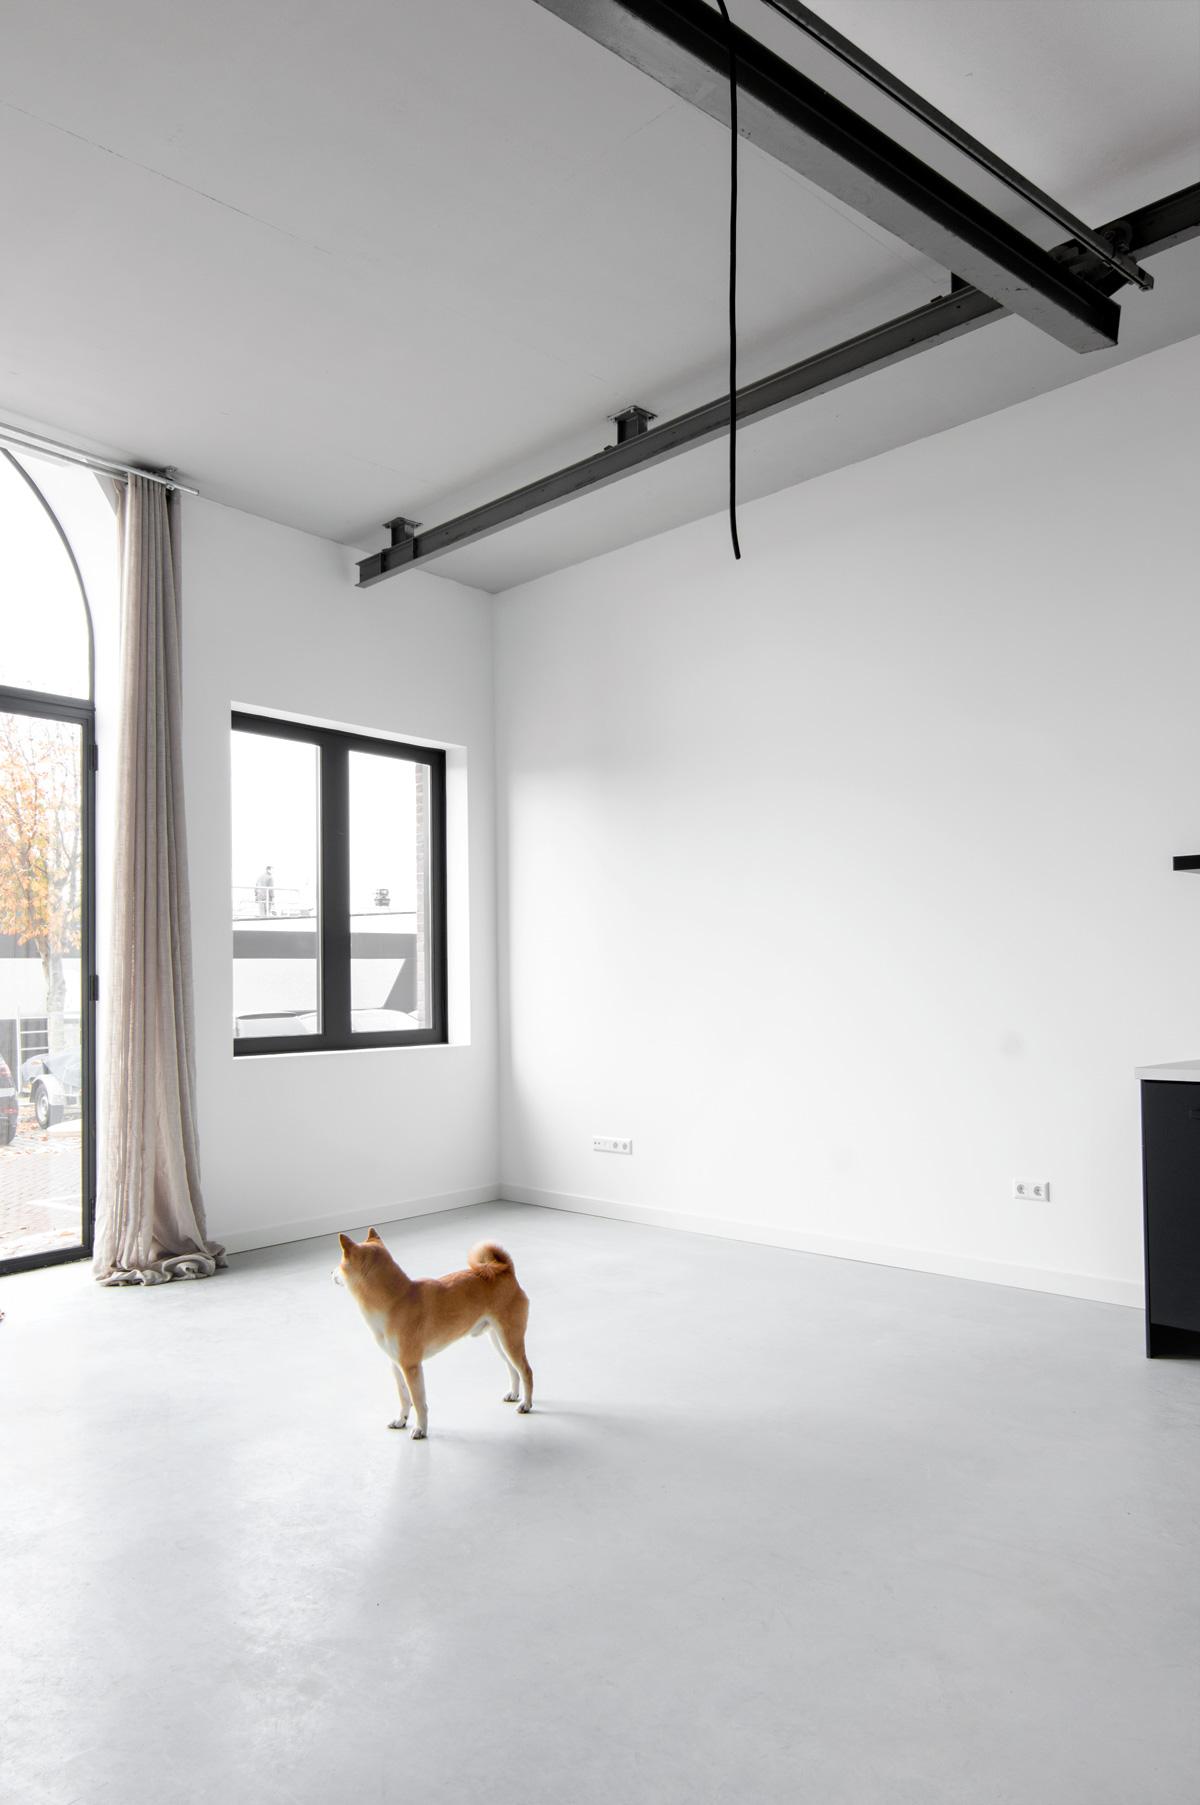 Nieuw huis Rocco - Tanja van Hoogdalem